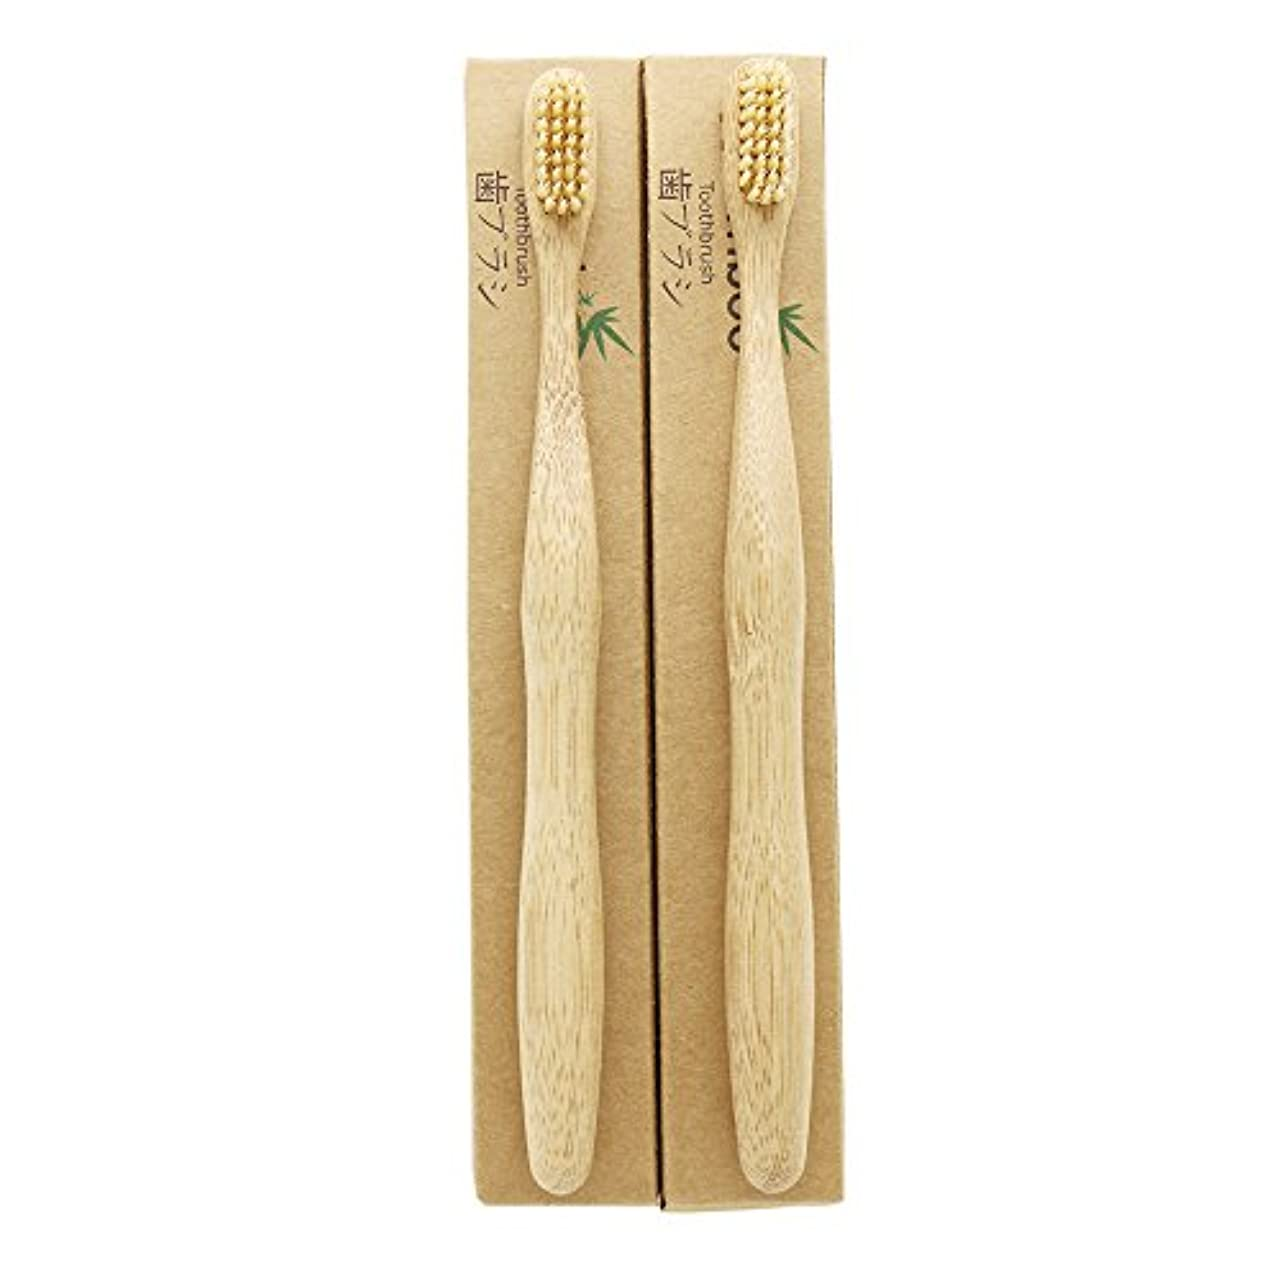 悪党レーザ欲求不満N-amboo 竹製耐久度高い 歯ブラシ ハンドル大きい 2本入りセット ベージュ